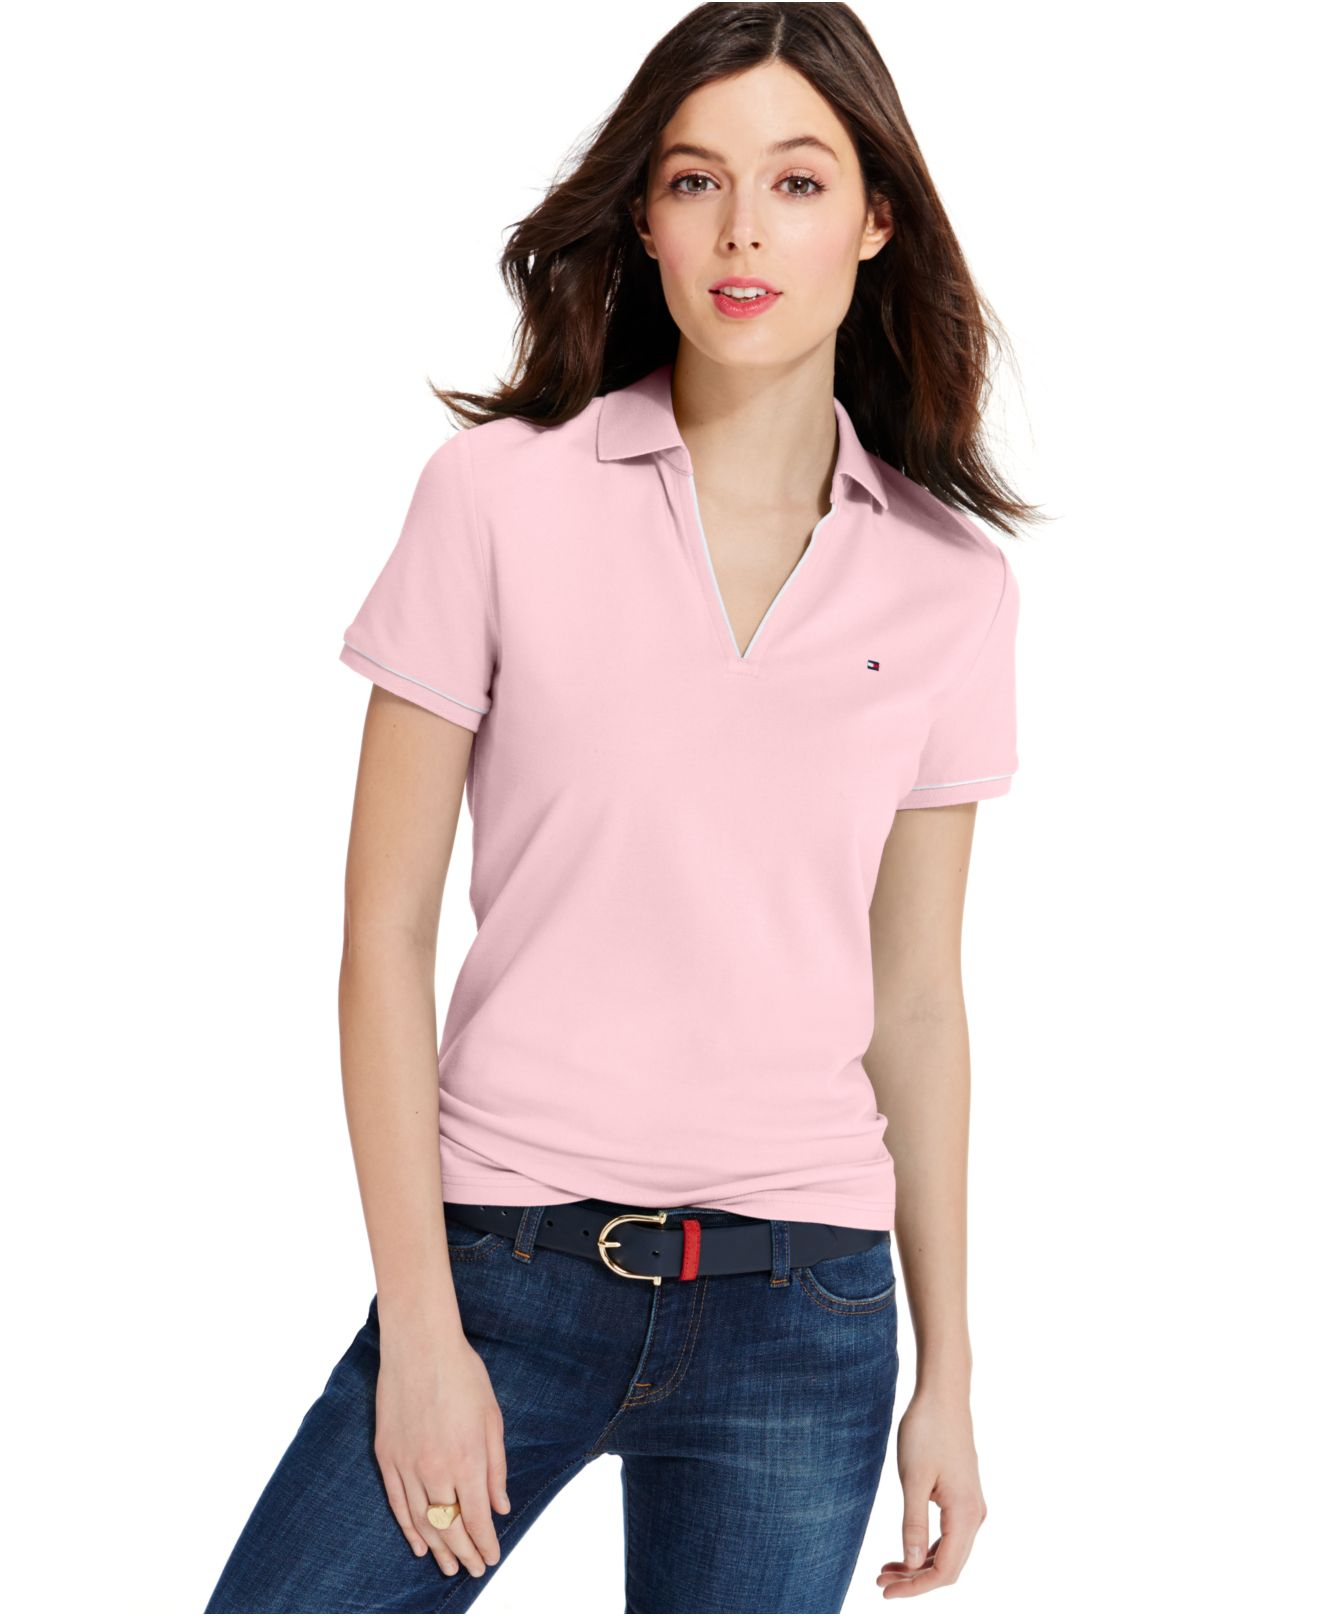 a9161b8f9ce7a Tommy Hilfiger Plus Size Polo Shirts - BCD Tofu House